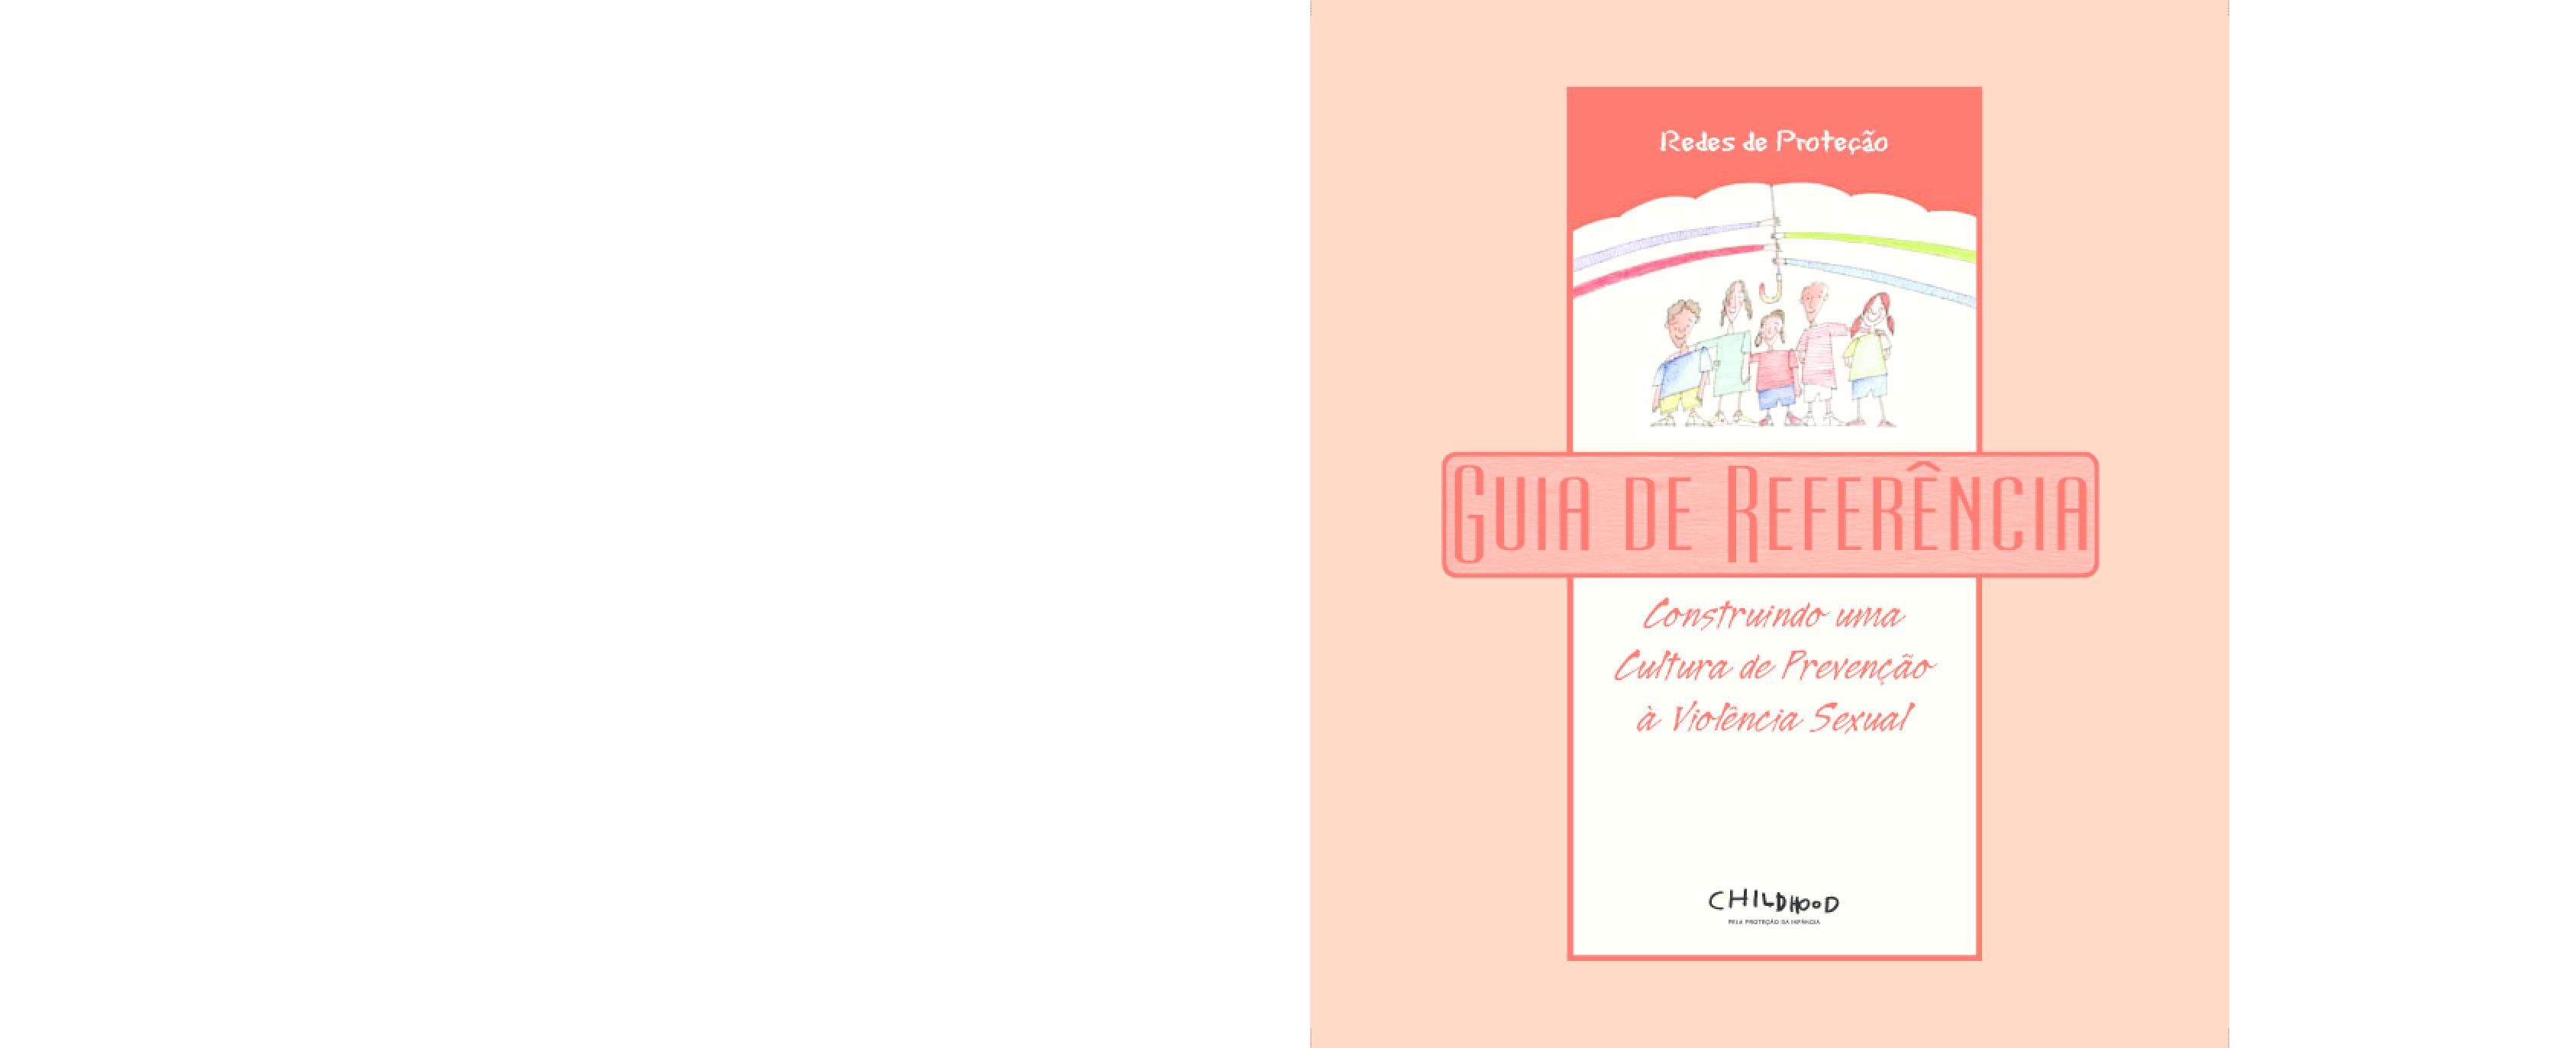 Guia de referência - construindo uma cultura de prevenção à violência sexual